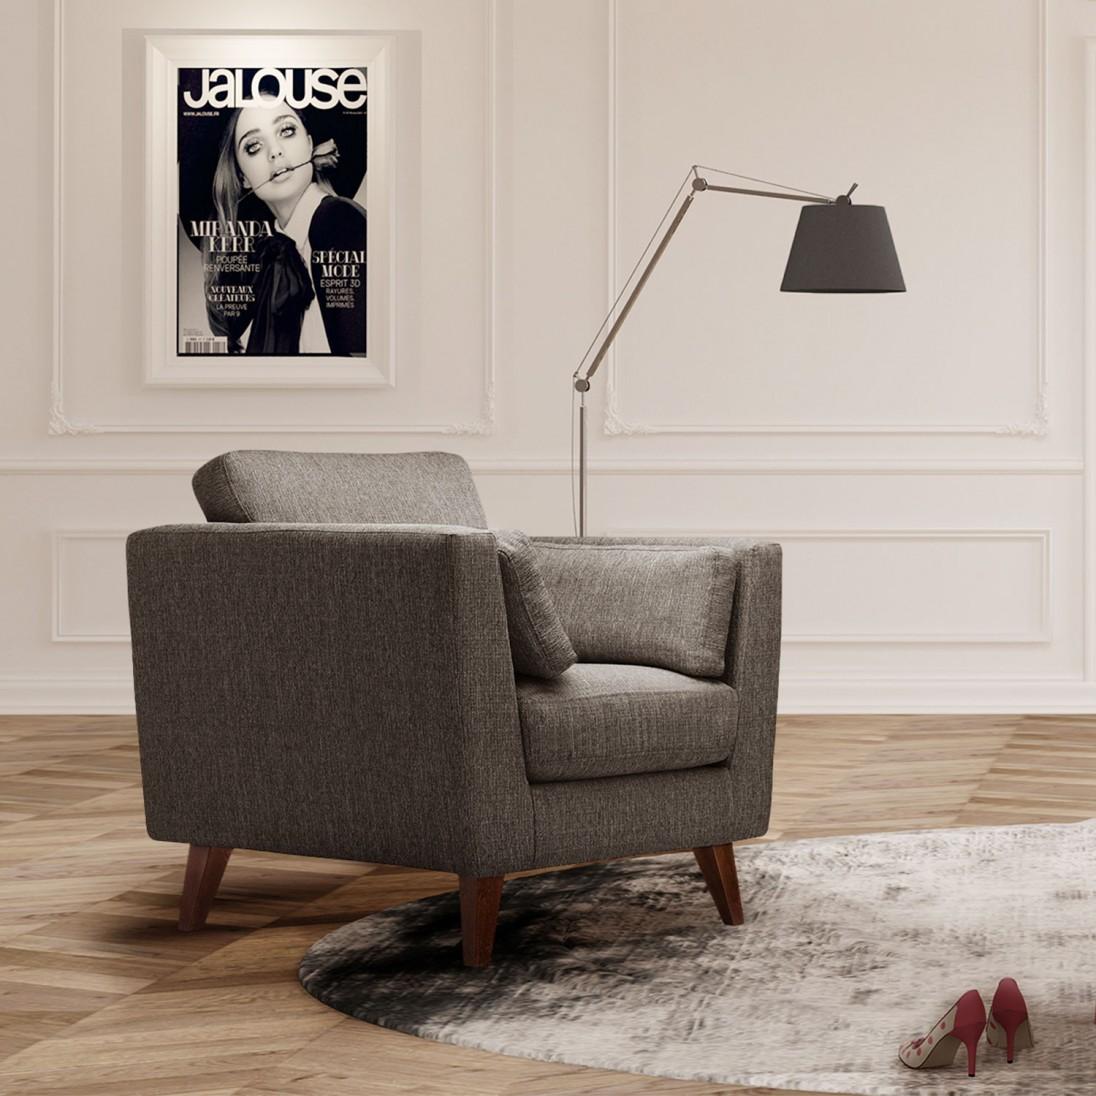 fotel elisa br zowo szary jalouse maison homeware outlet. Black Bedroom Furniture Sets. Home Design Ideas